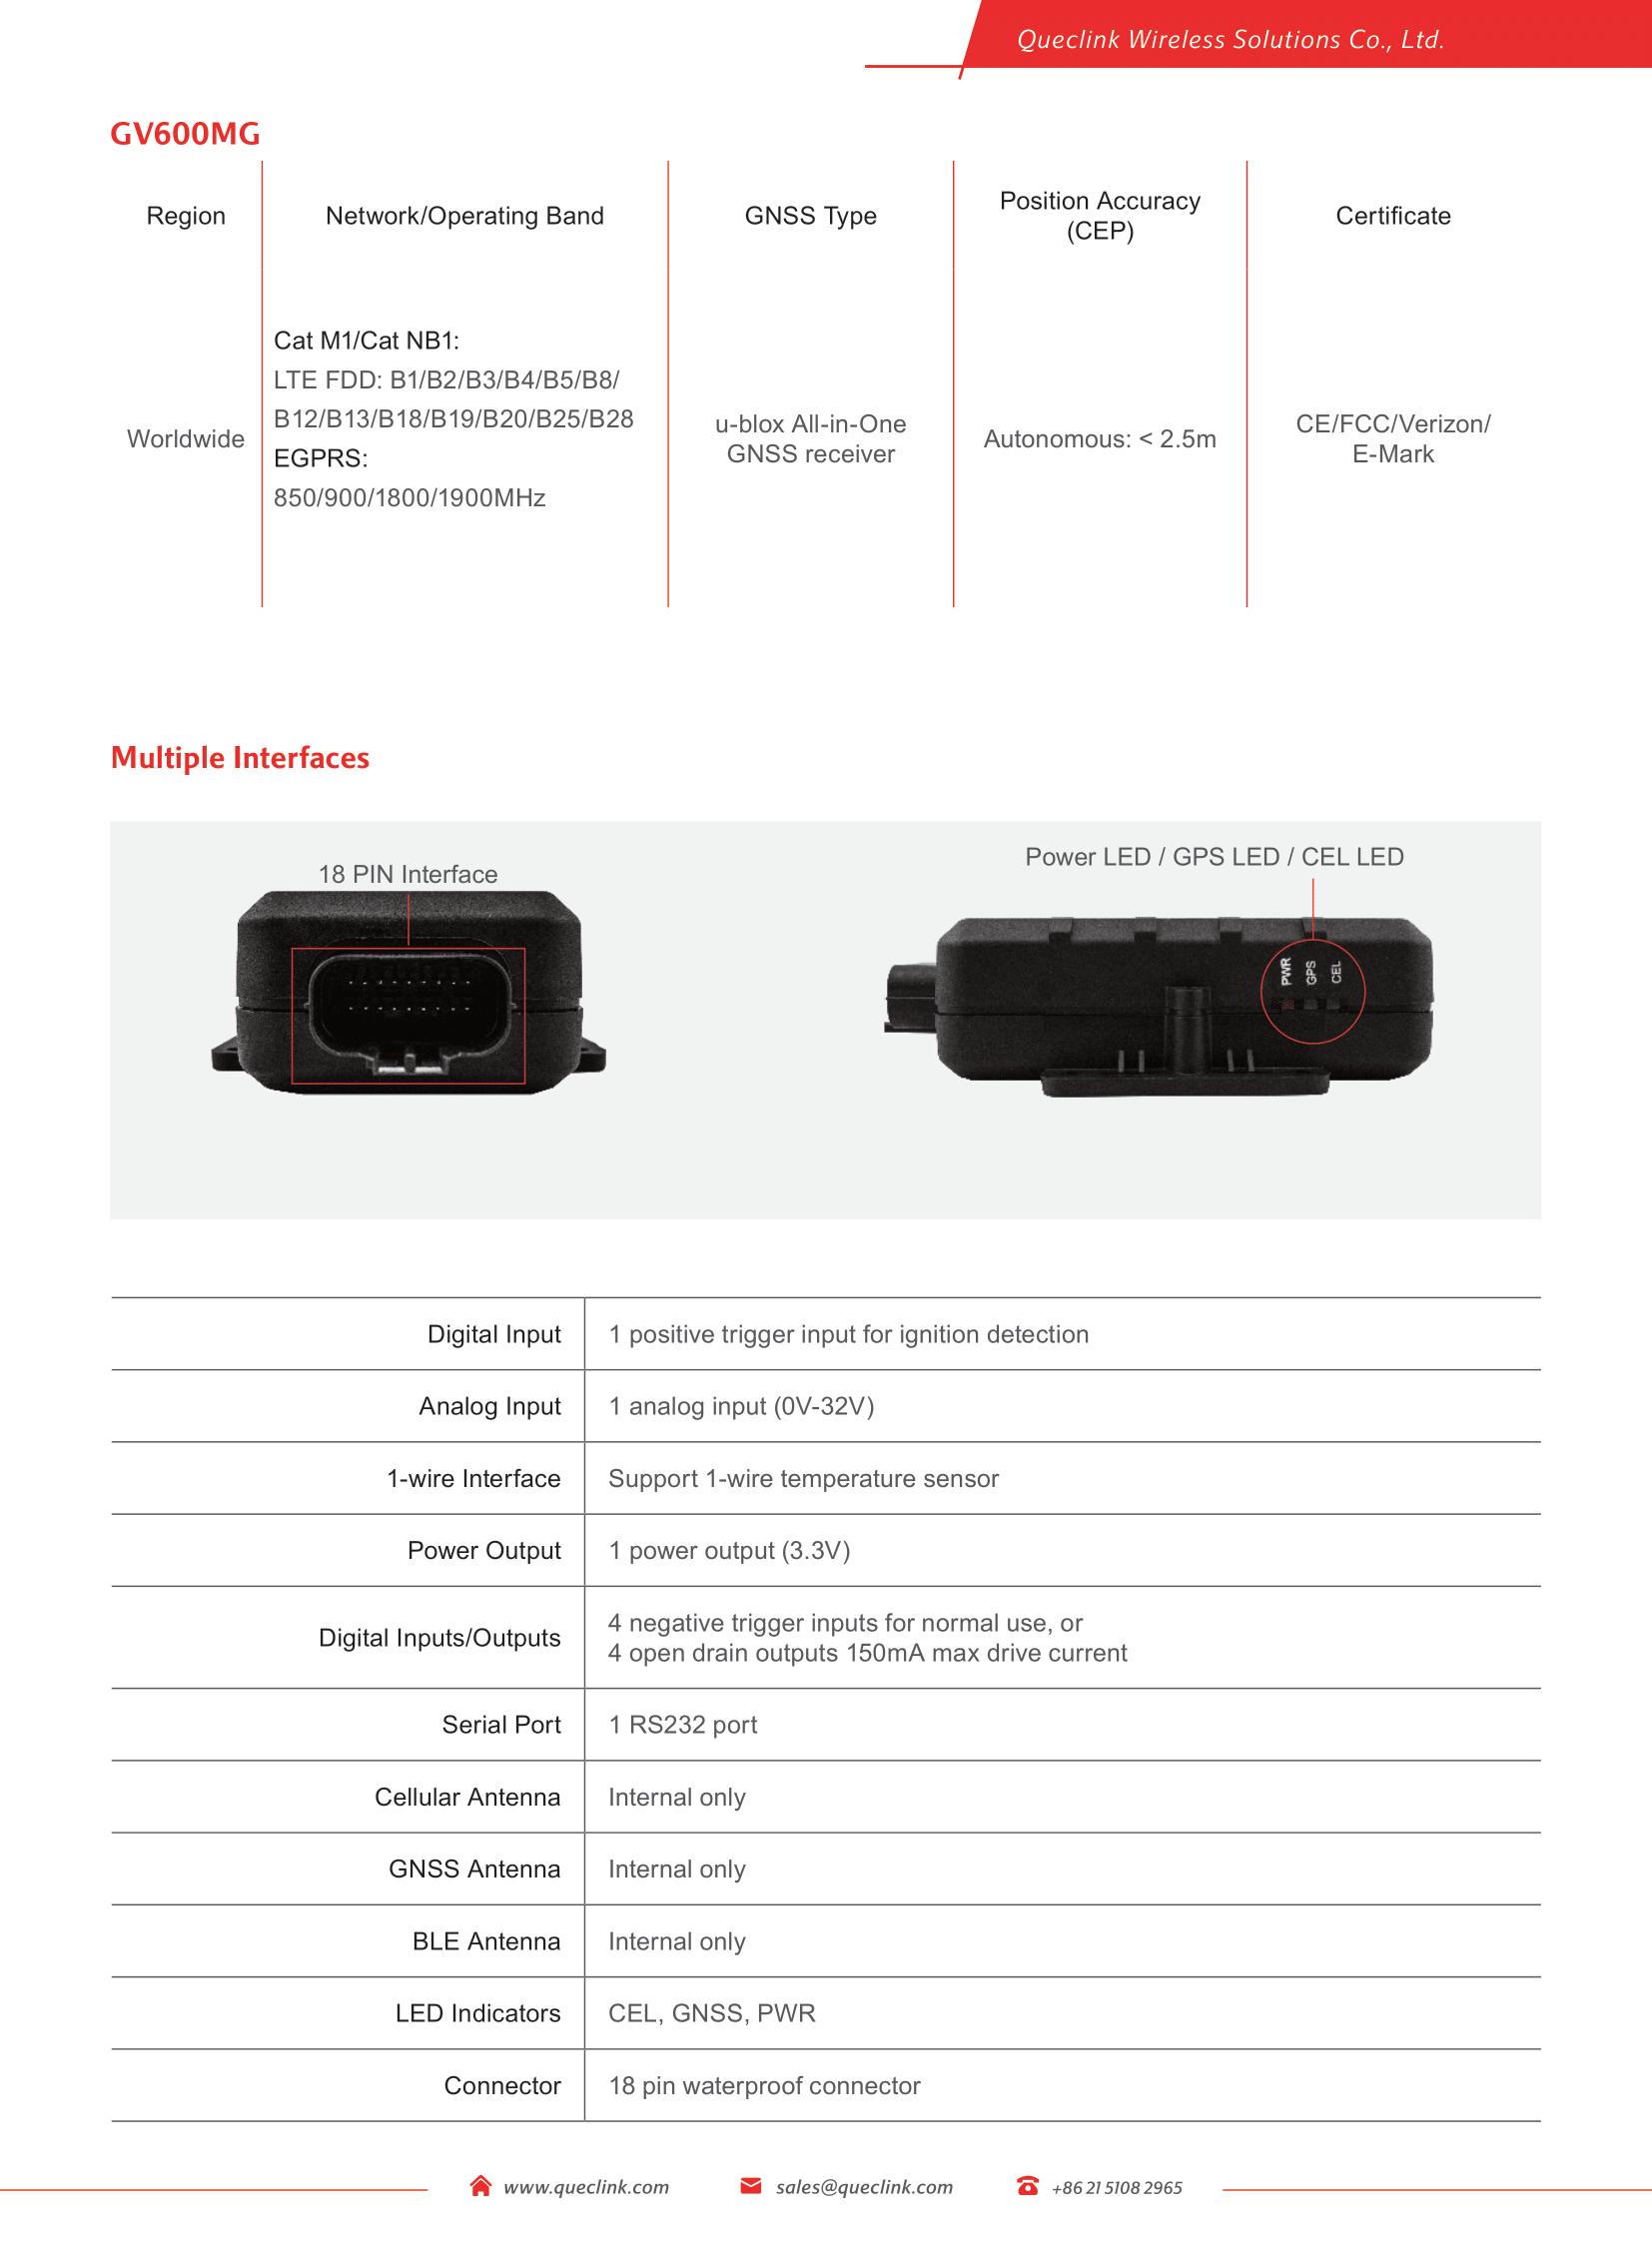 GV600MG-2